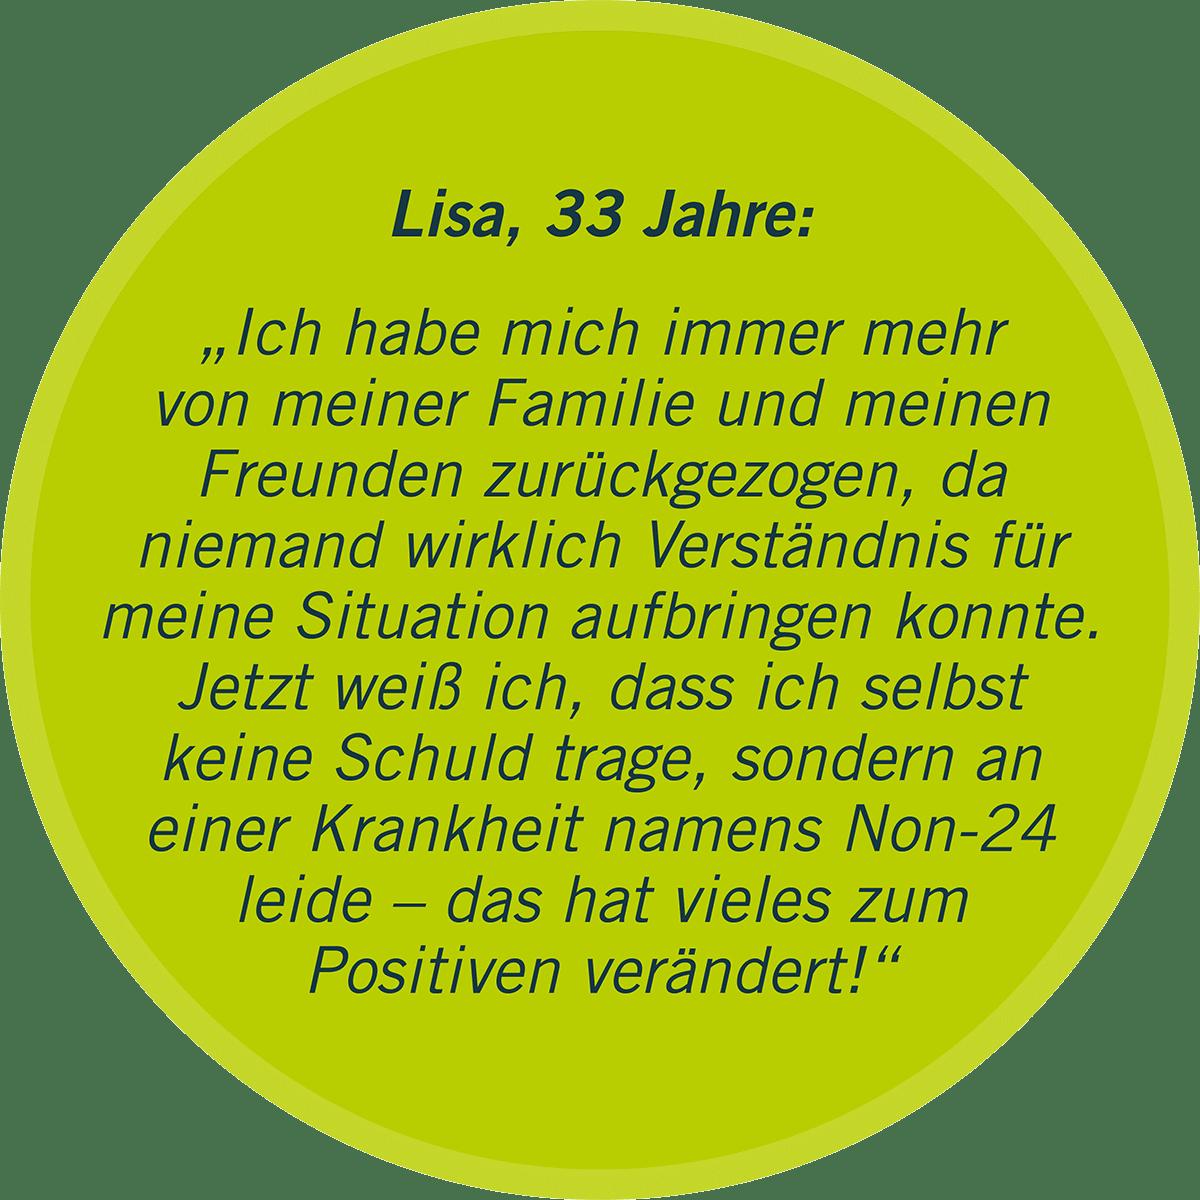 """Lisa, 33 Jahre: """"Ich habe mich immer mehr von meiner Familie und meinen Freunden zurückgezogen, da  niemand wirklich Verständnis für meine Situation aufbringen konnte. Jetzt weiß ich, dass ich selbst keine Schuld trage, sondern an einer Krankheit namens Non-24 leide – das hat vieles zum Positiven verändert!"""""""